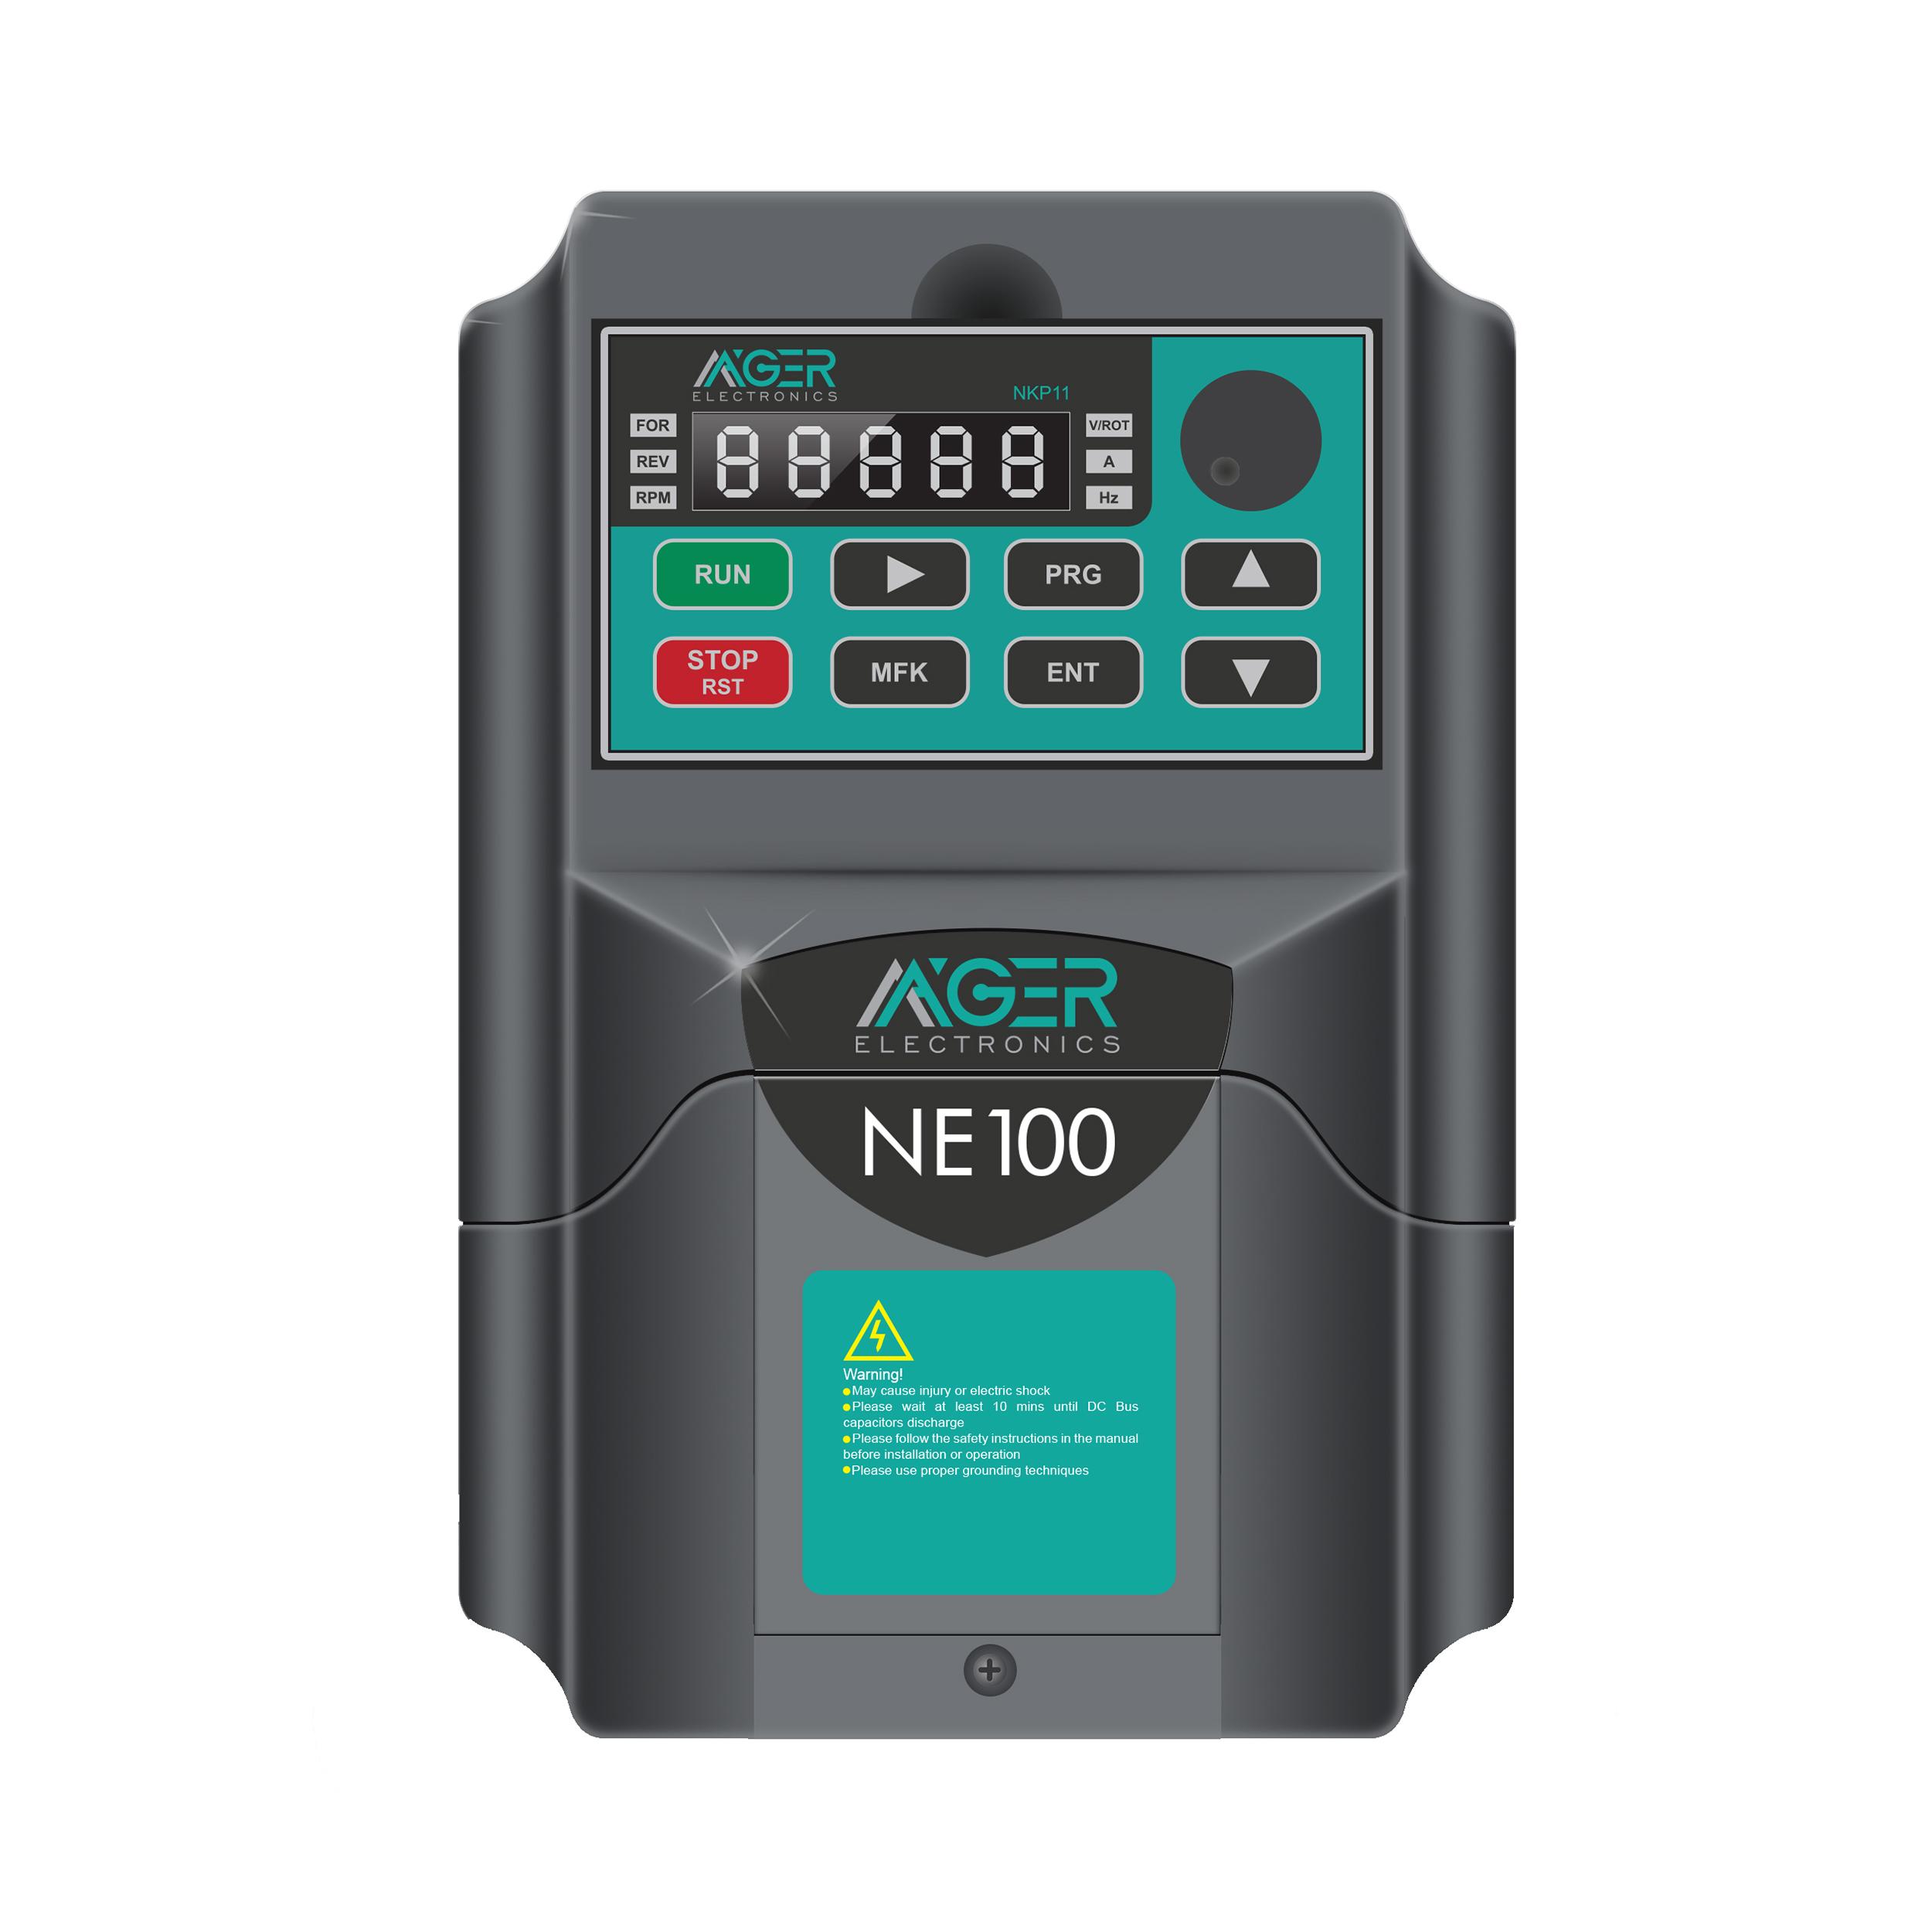 کنترل دور موتور آگر الکترونیک مدل NVF-055-NE100-4